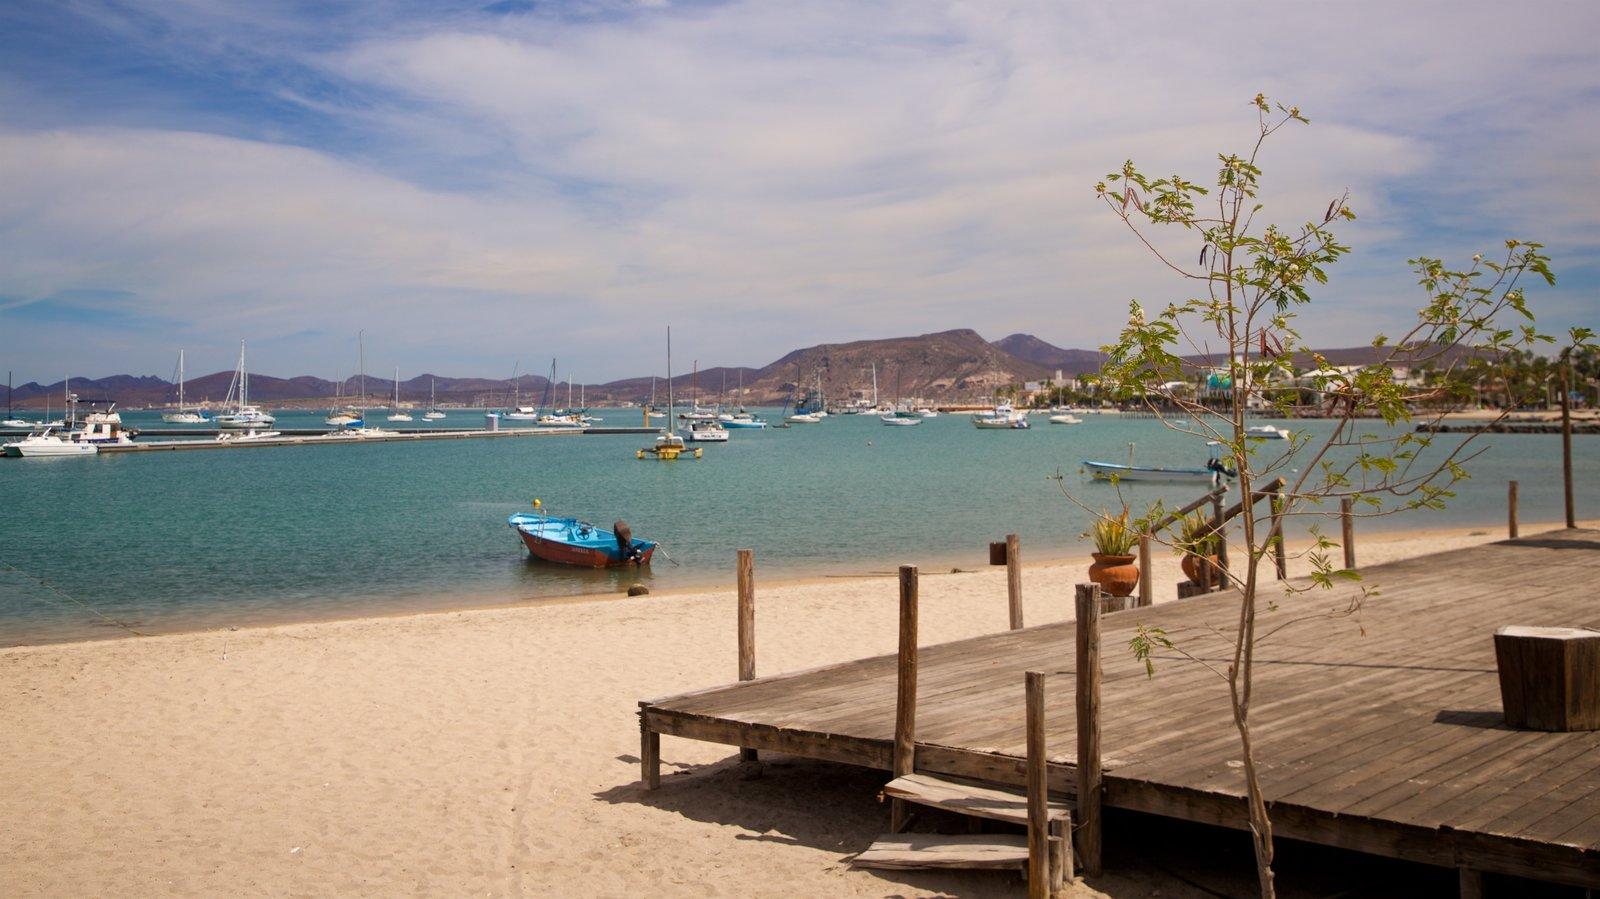 Puerto deportivo Marina Cortez que incluye una bahía o puerto y una playa